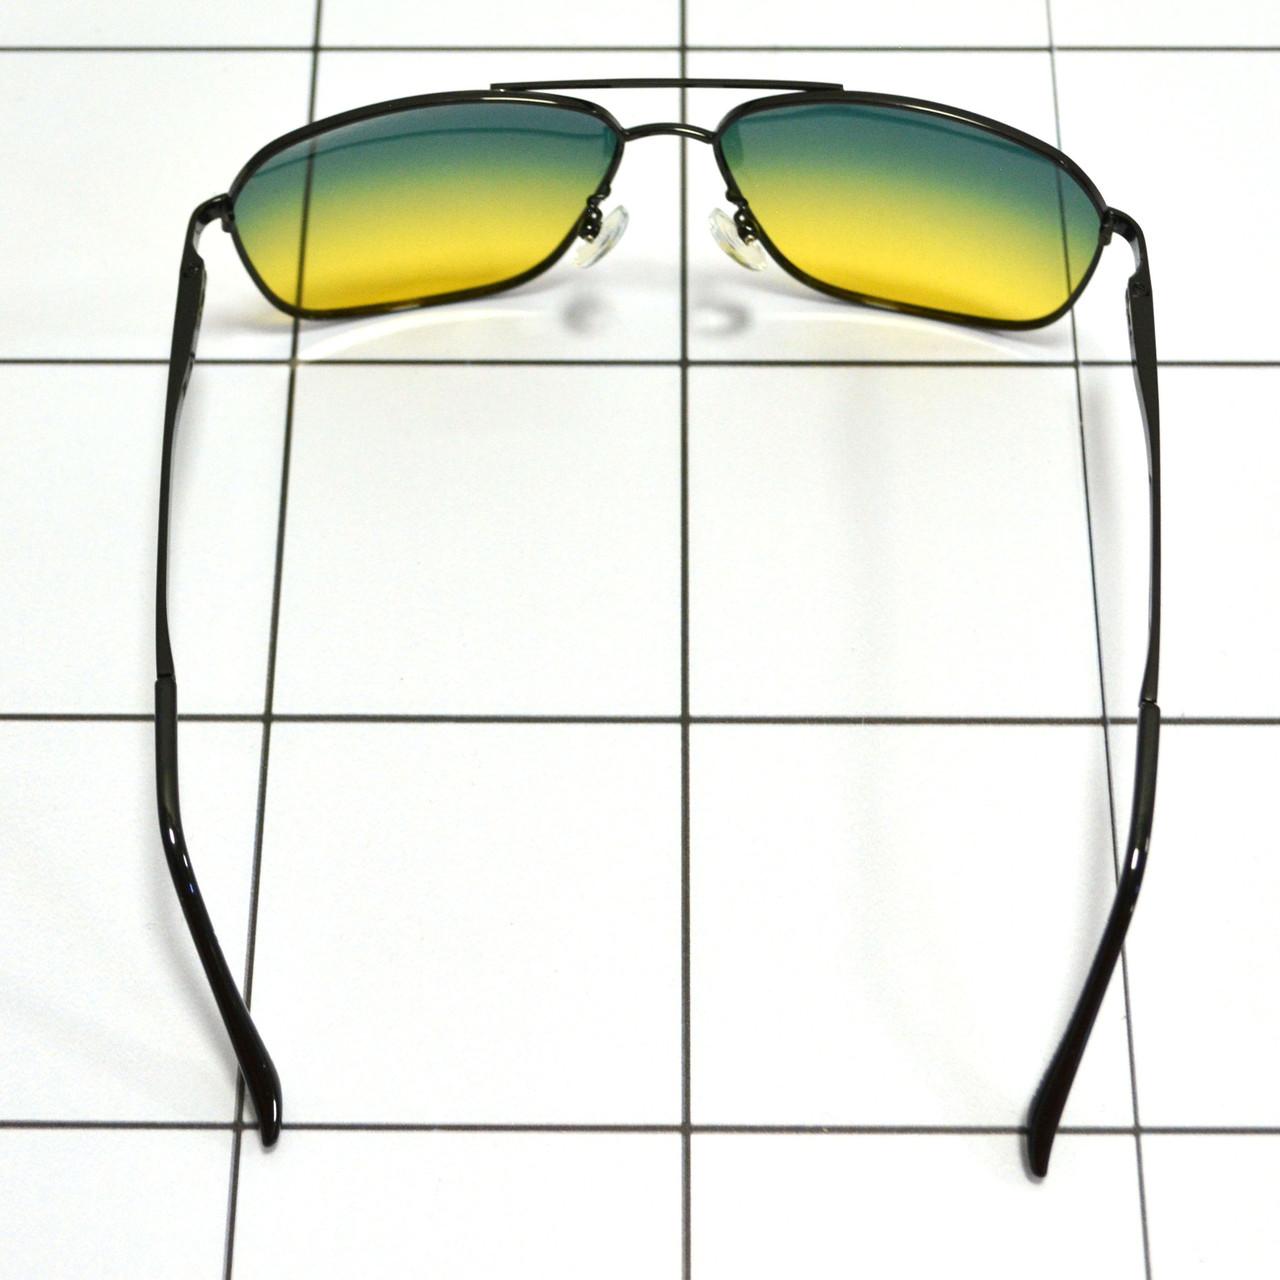 Солнцезащитные поляризационные очки ПОЛАРОИД UV400 тонкая сдвоенная оправа желто зеленые стекла АВТО PX16117 - фото 6